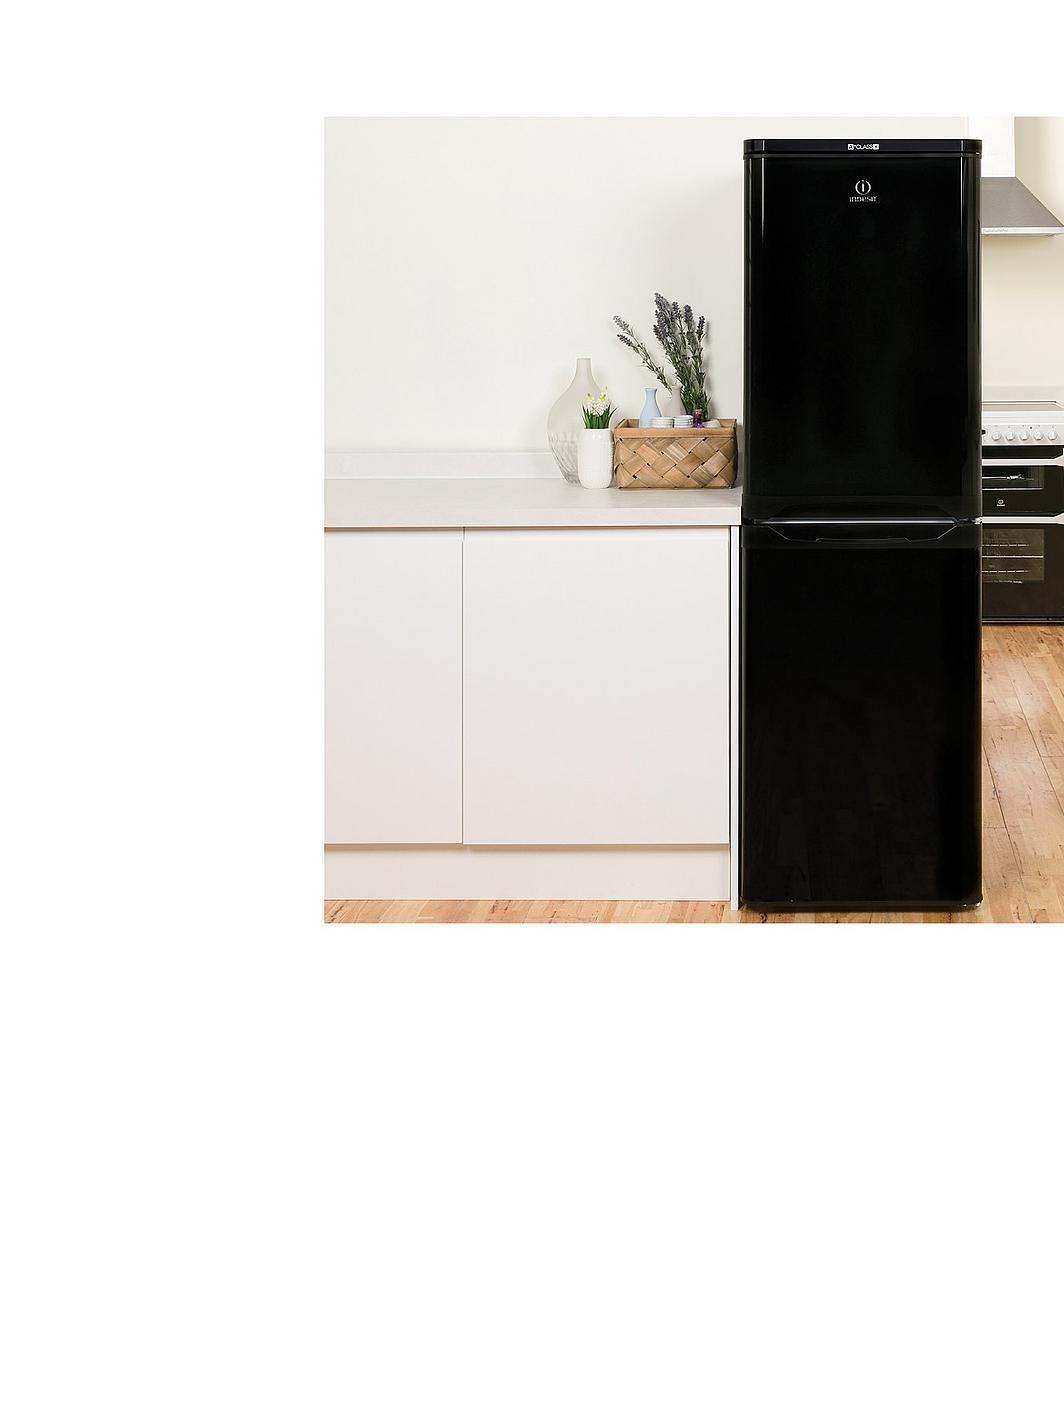 indesit caa55k 55cm fridge freezer black. Black Bedroom Furniture Sets. Home Design Ideas